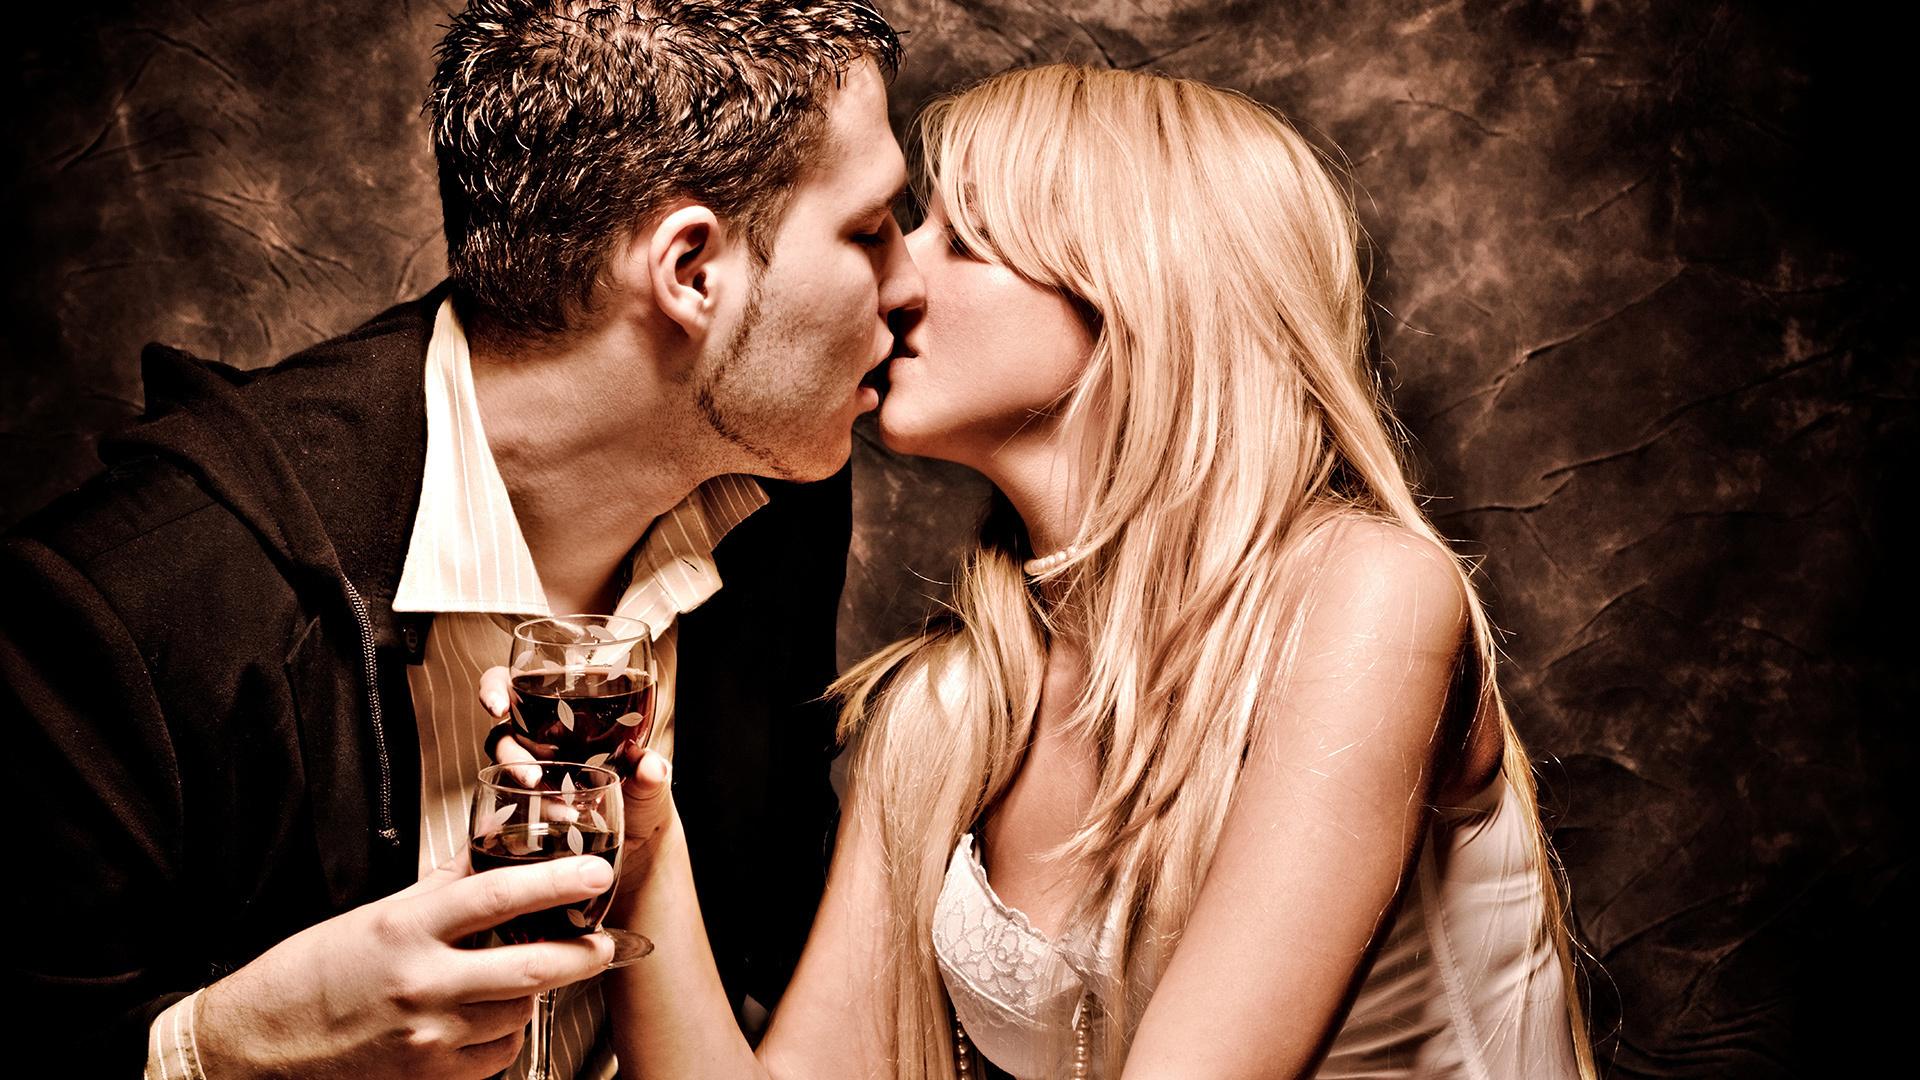 Романтическое совращение невесты смотреть онлайн 11 фотография